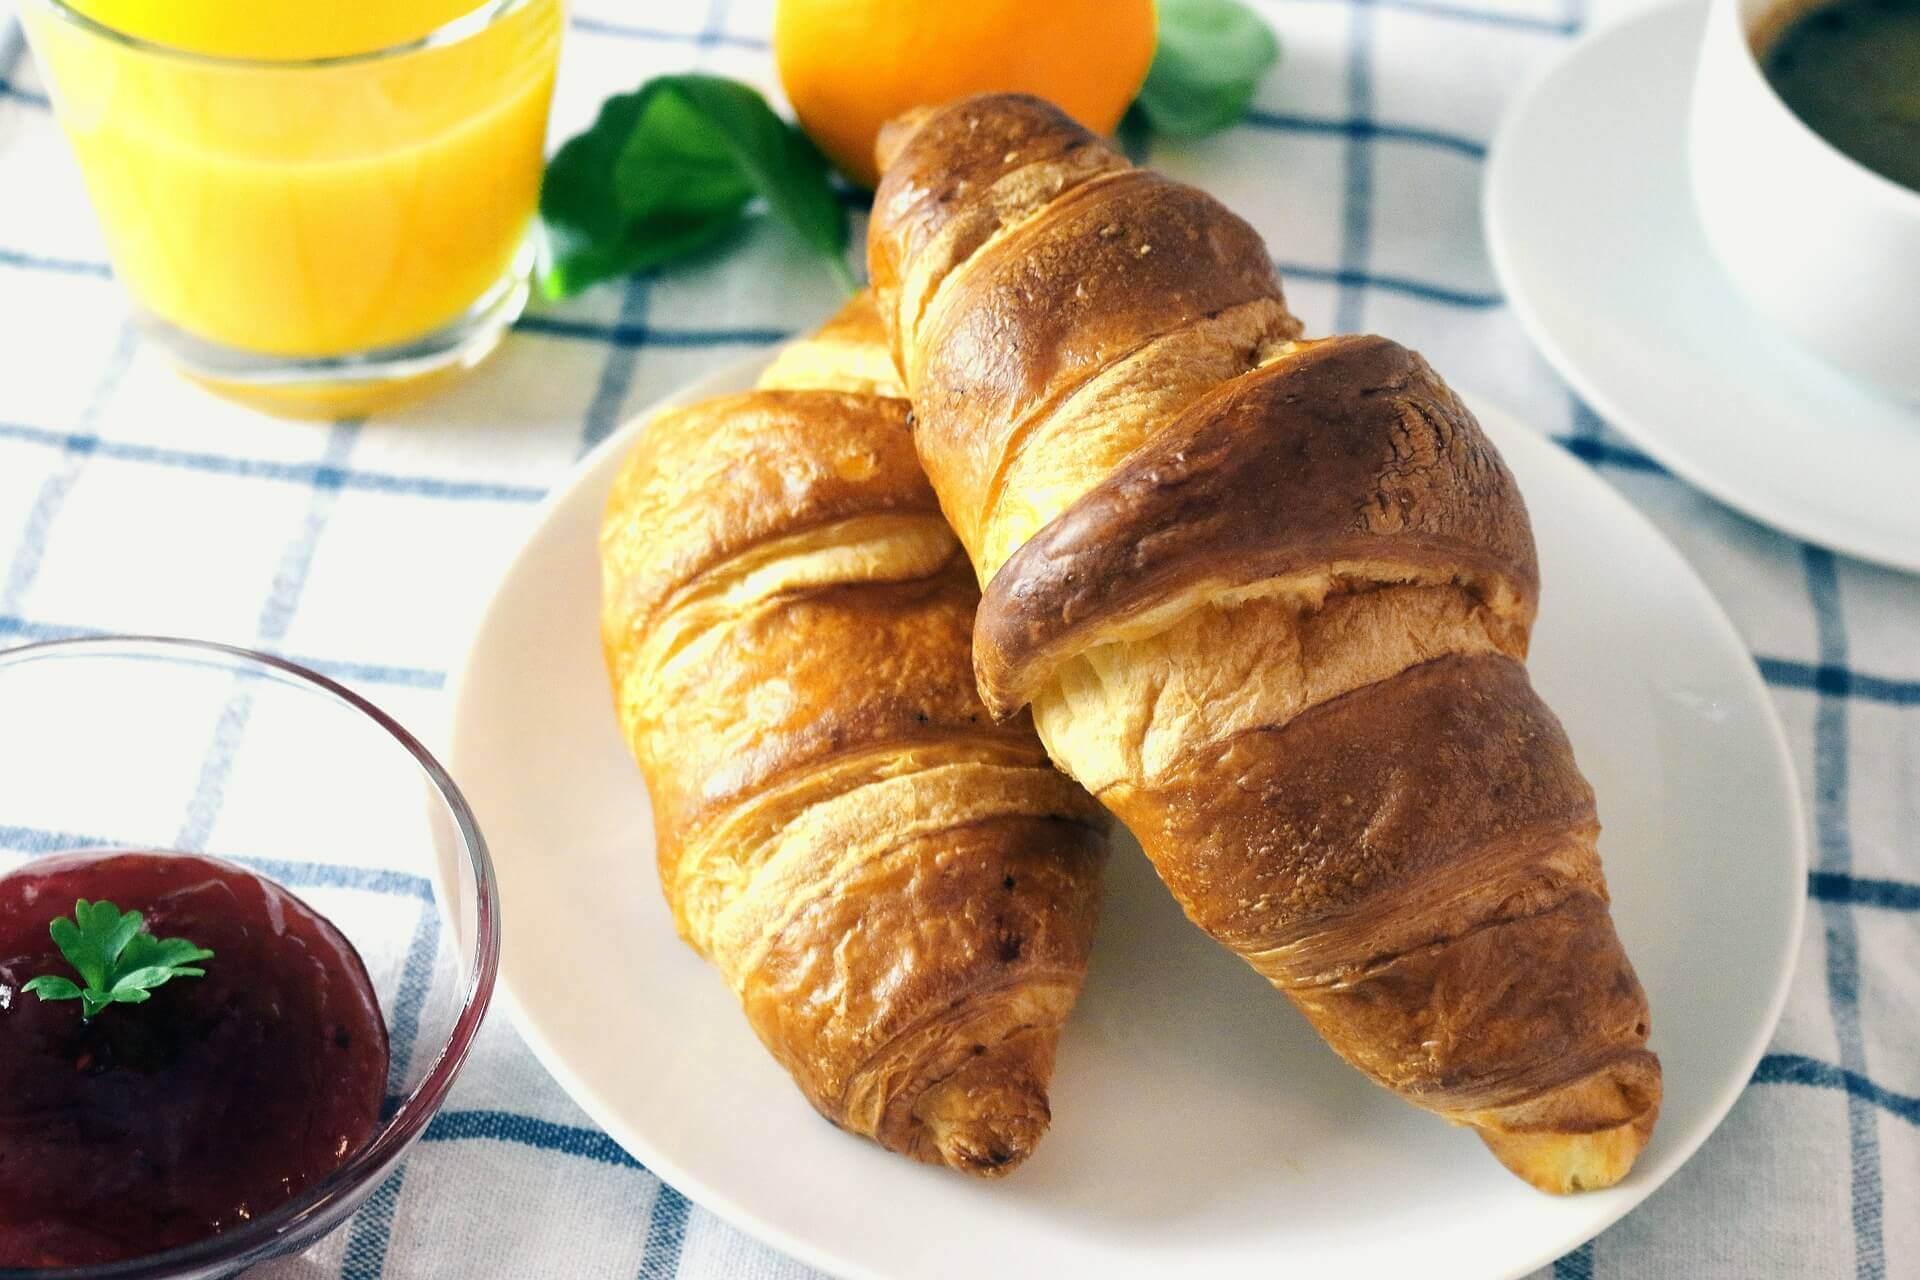 Kriya's Croissant photo